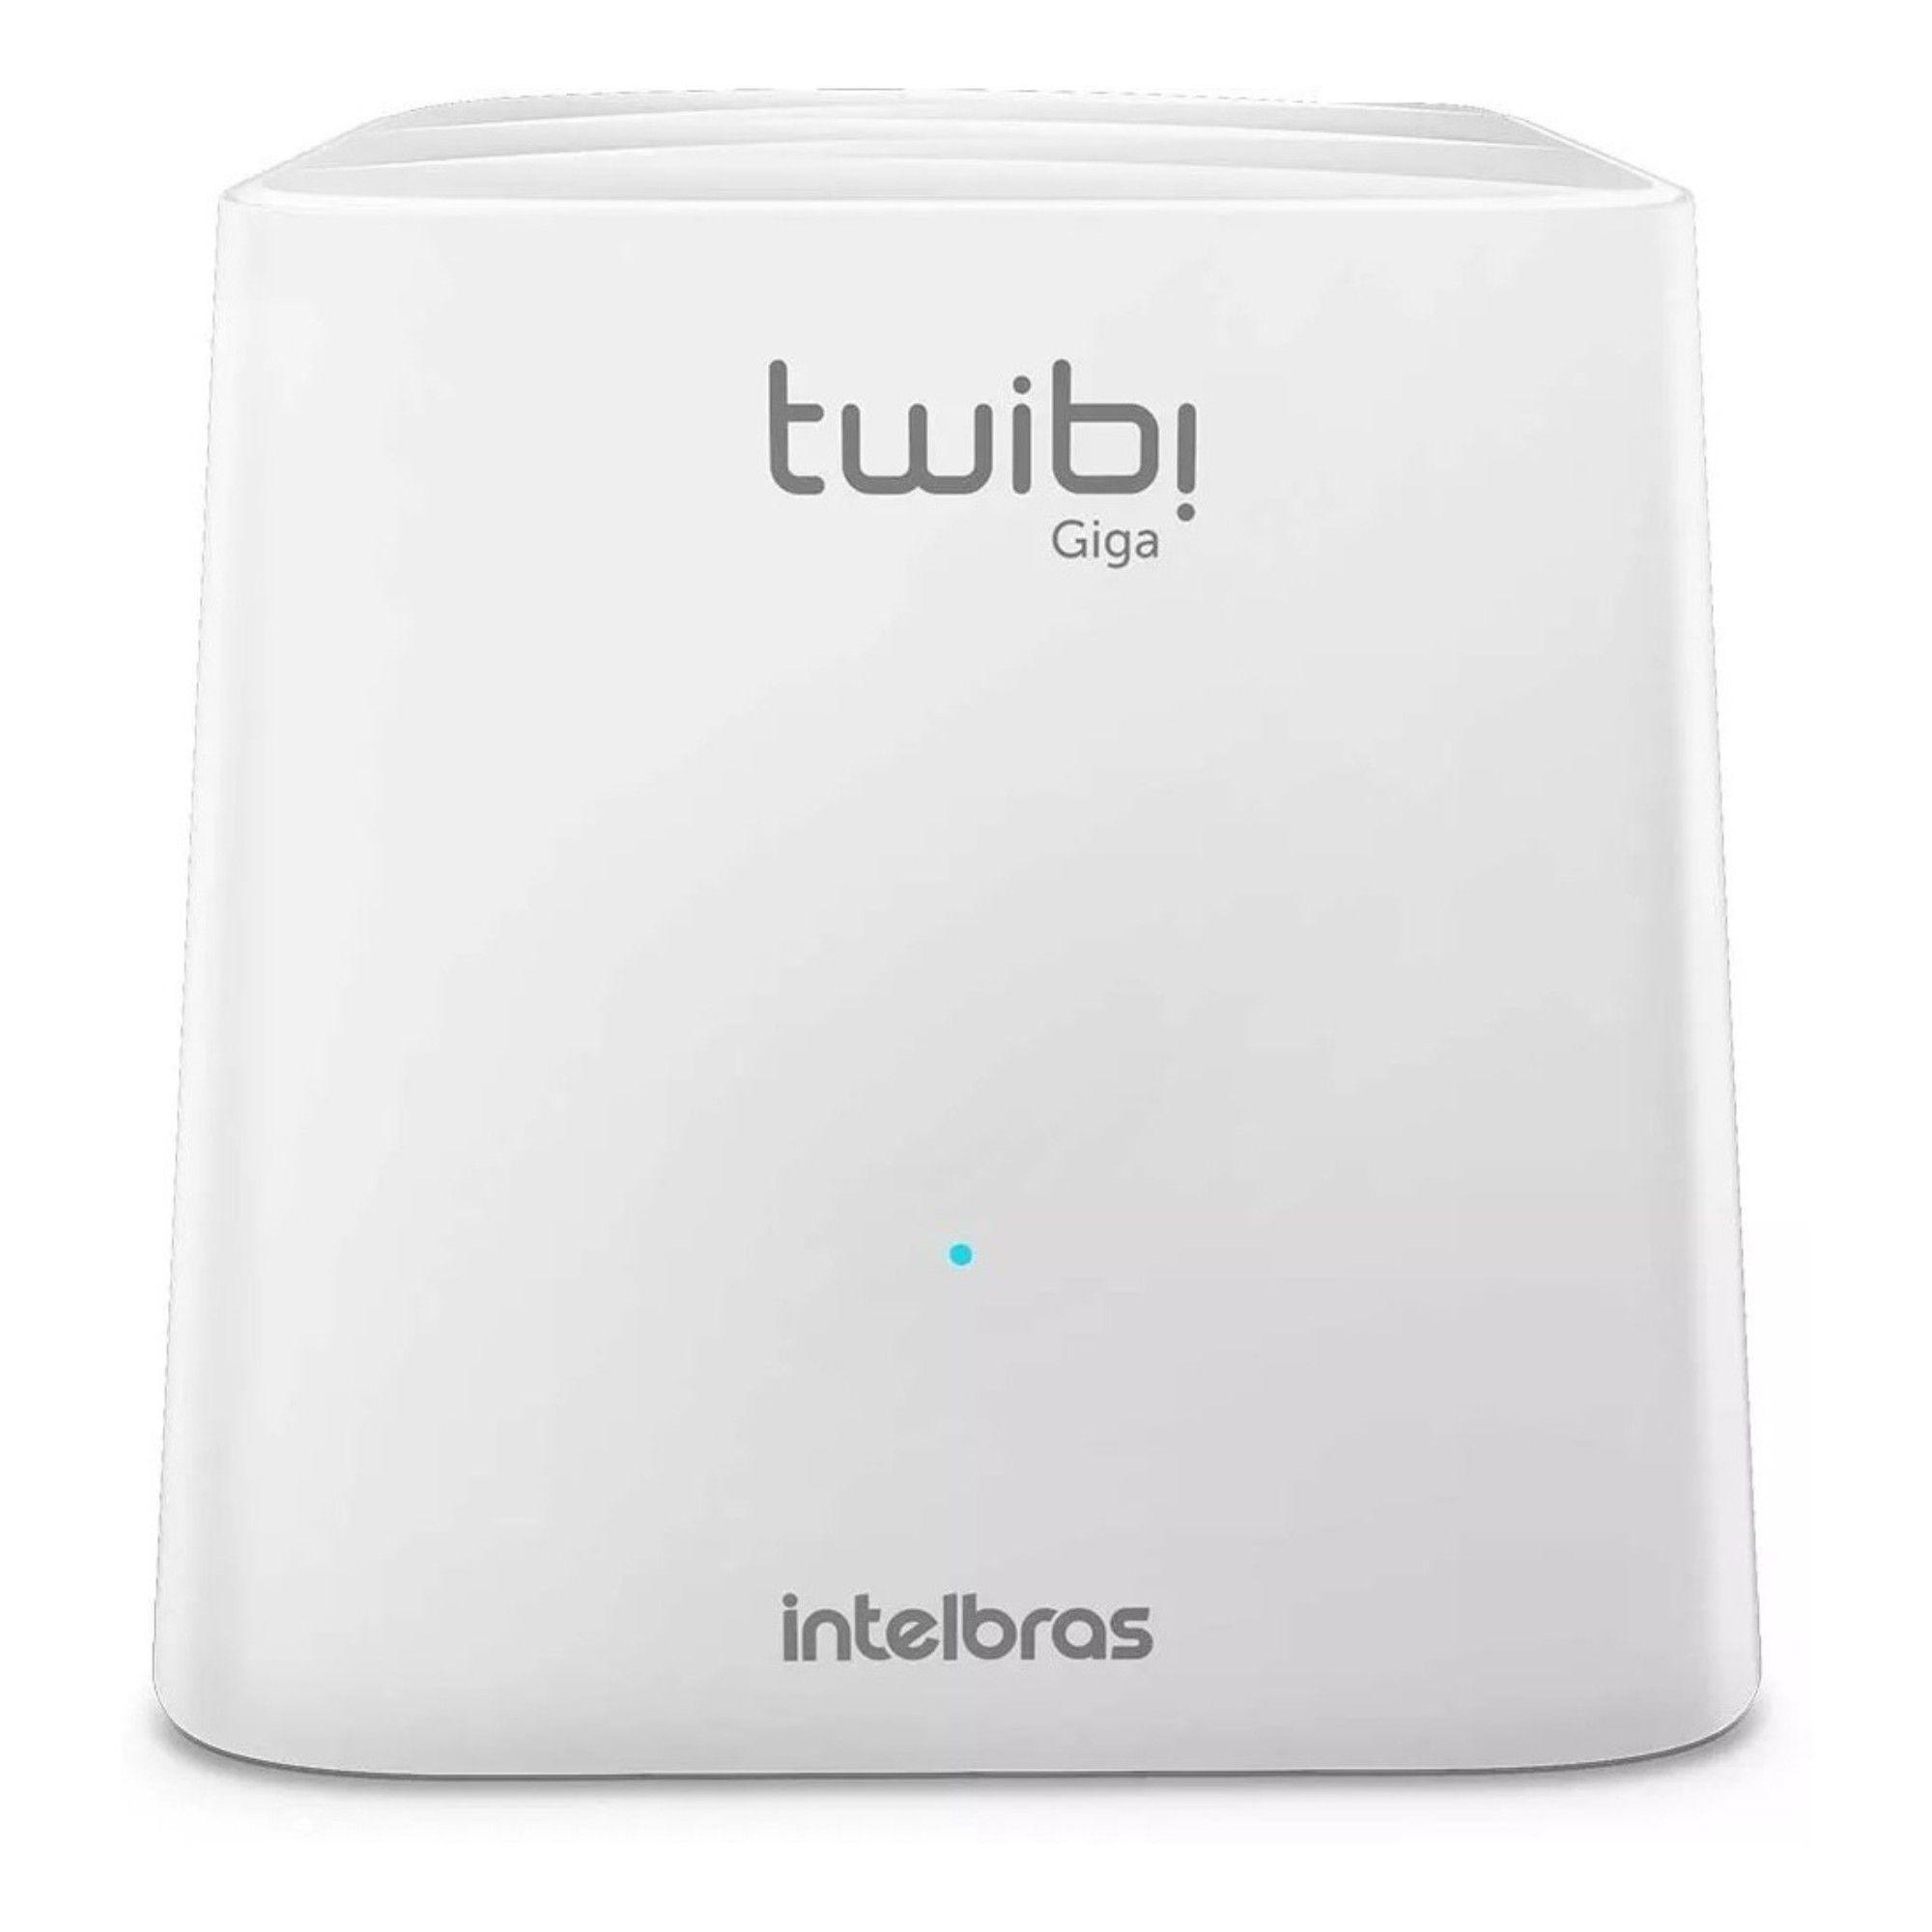 Roteador Intelbras Twibi Wifi Mesh Giga Kit C/ 2 Unidades